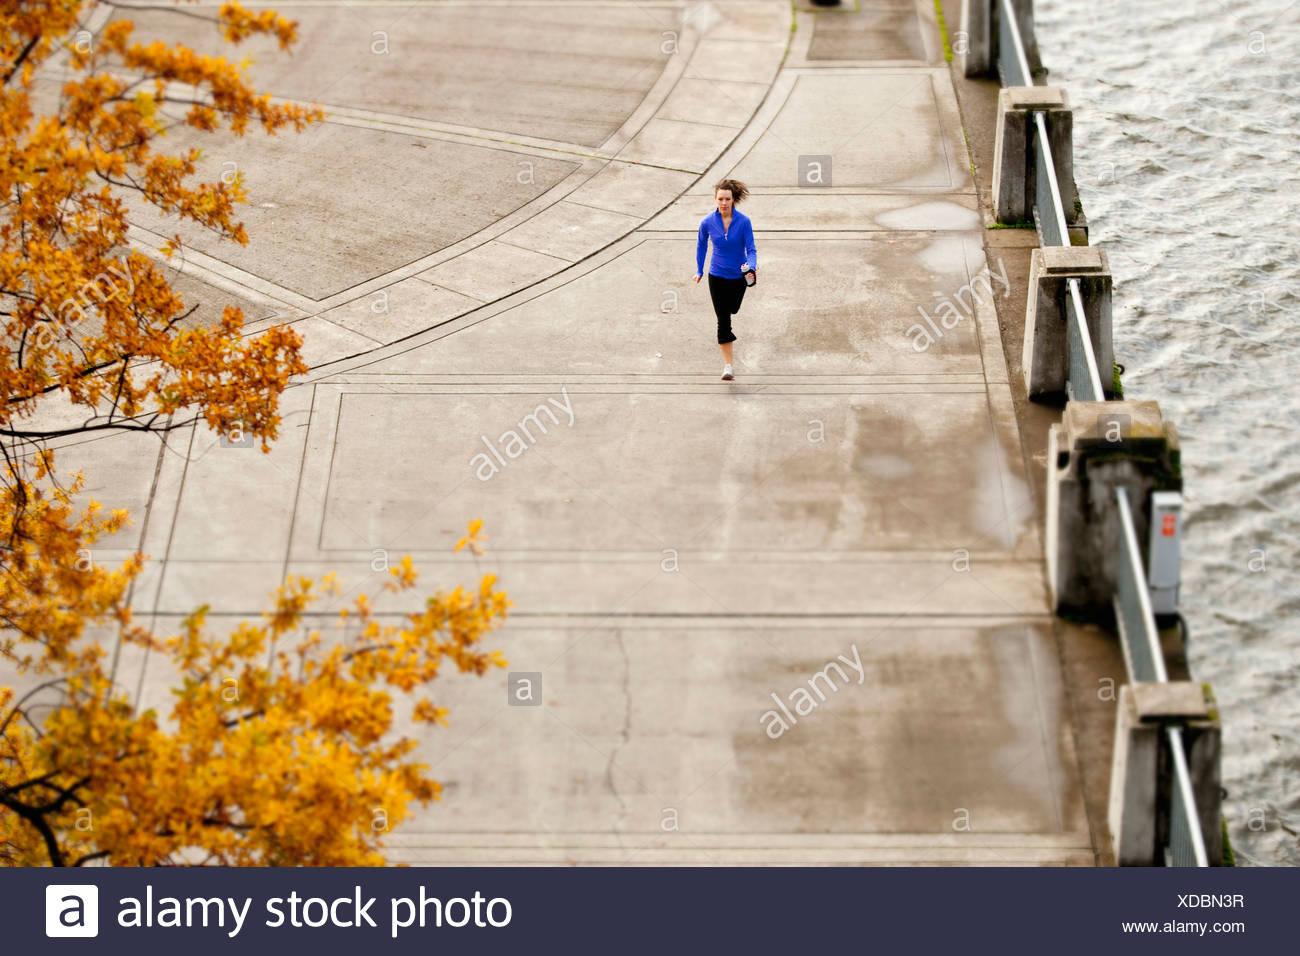 Una prueba de atletismo femenino en una chaqueta azul trotar a lo largo de la costa de Portland, Oregon. Imagen De Stock